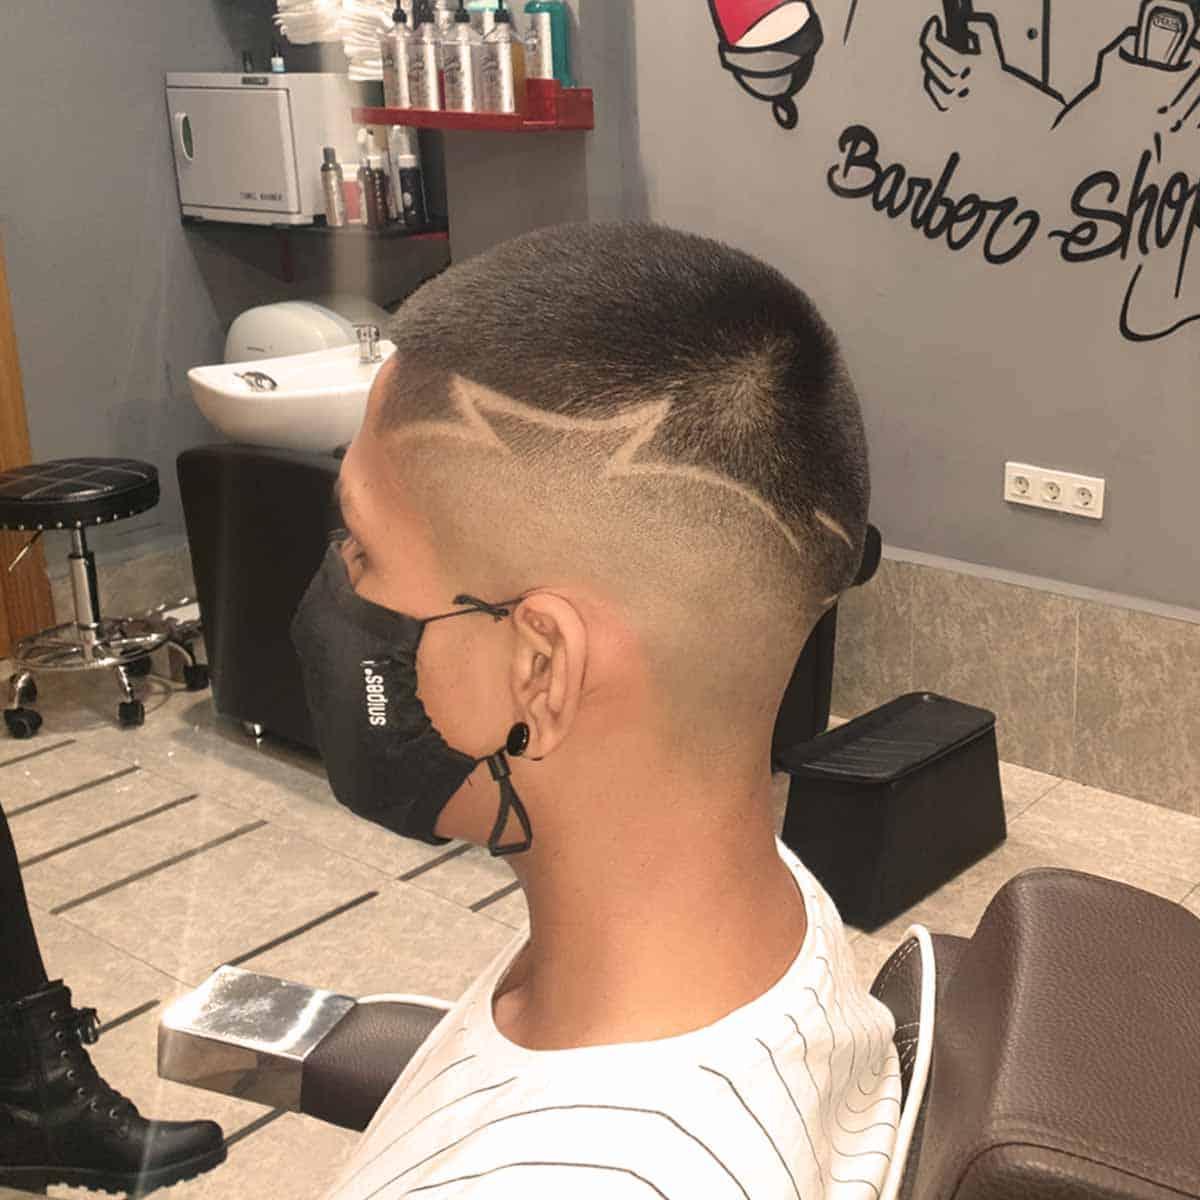 Skin fade con diseño en la peluquería y barbería en Madrid YB New Style Barber Shop